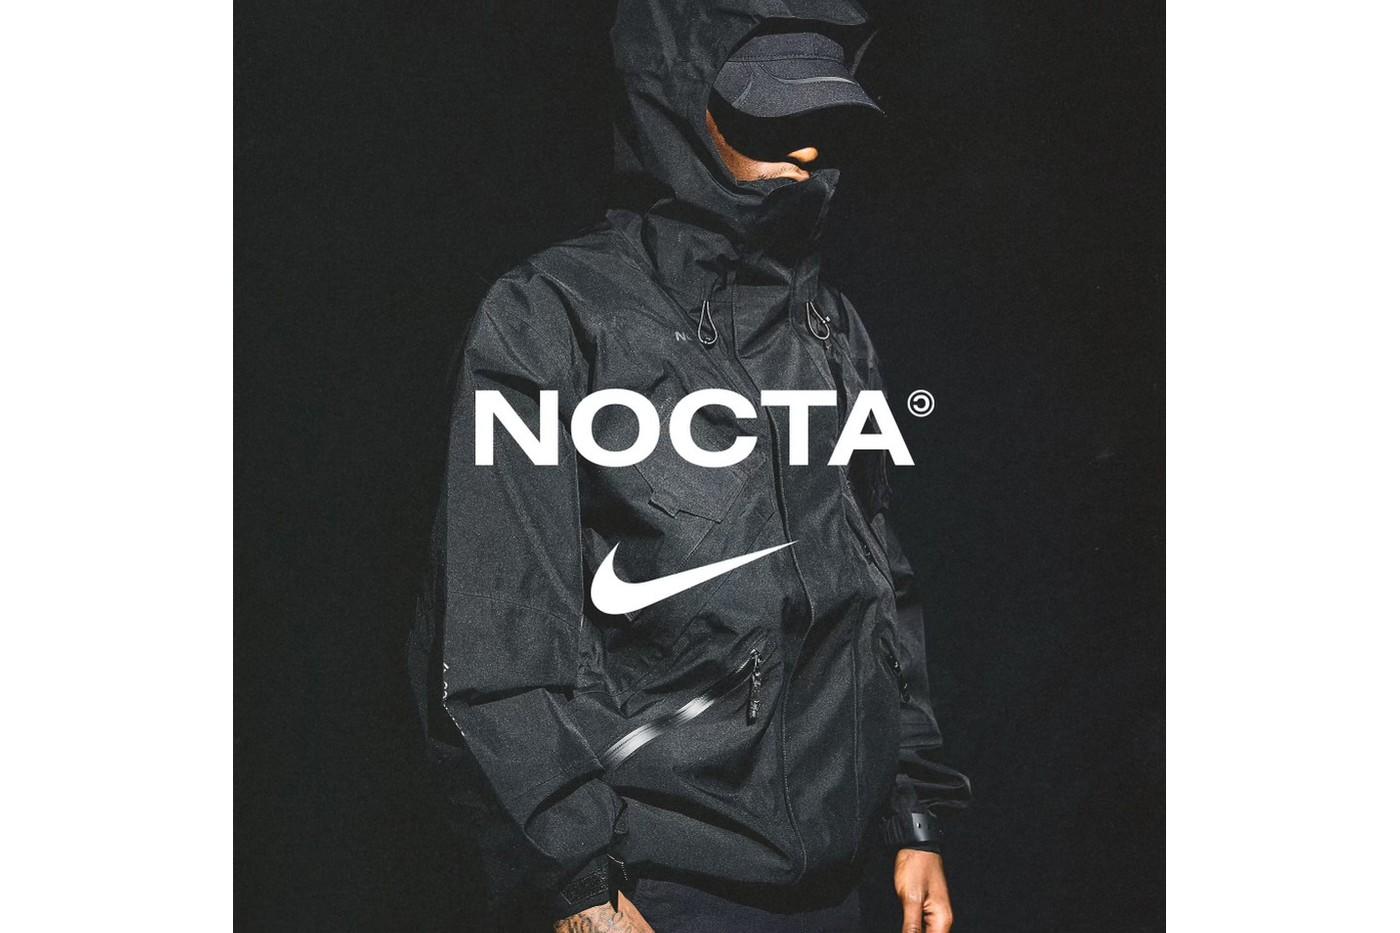 Дрейк и Nike показали лукбук второго дропа совместной линии NOCTA (фото 5)